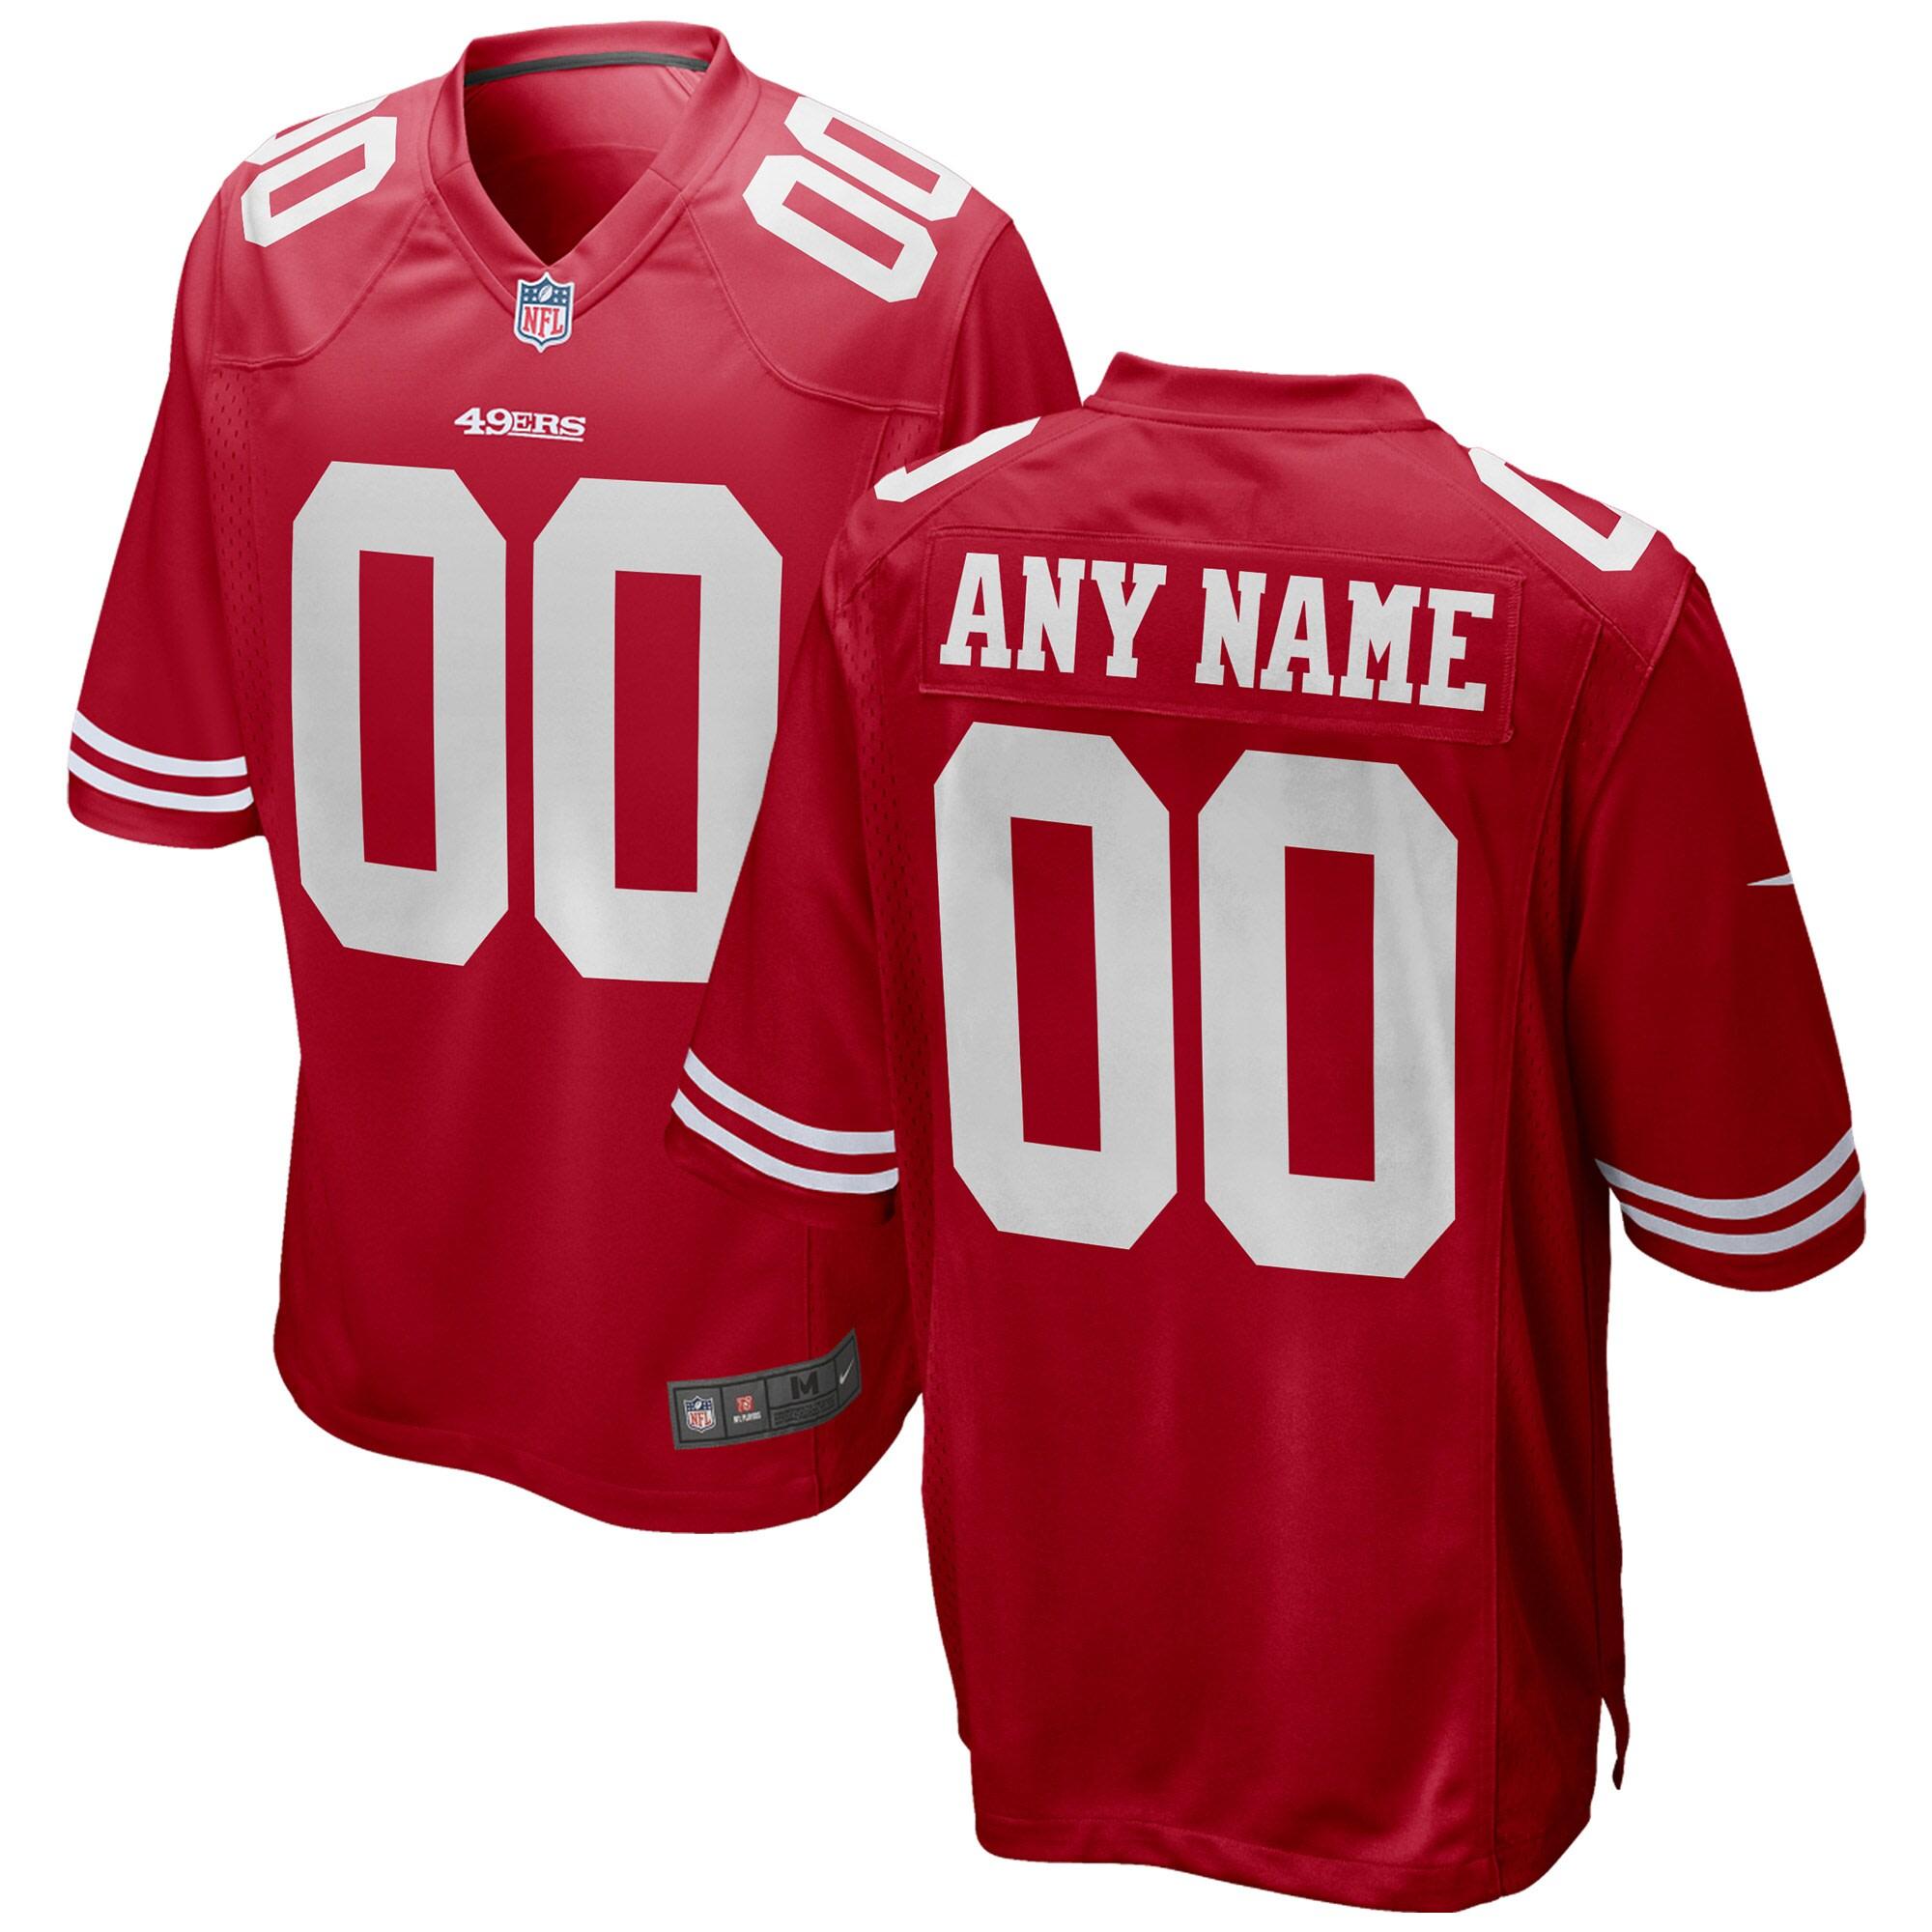 best 49ers jersey